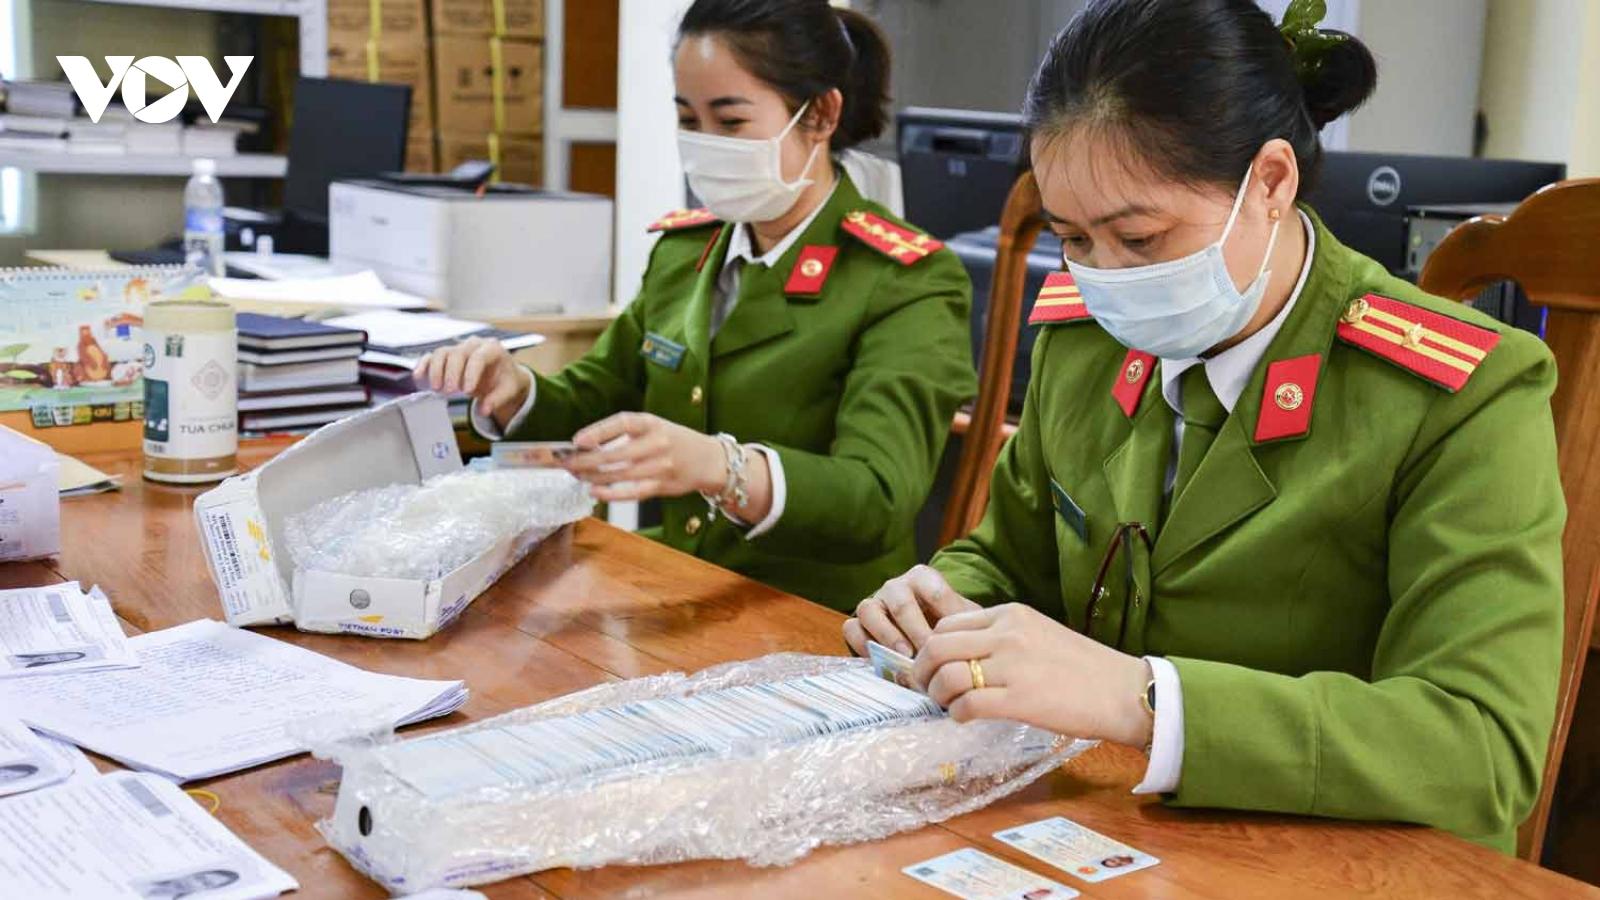 Hơn 5.000 thẻ căn cước gắn chip điện tử đã được cấp cho người dân Điện Biên